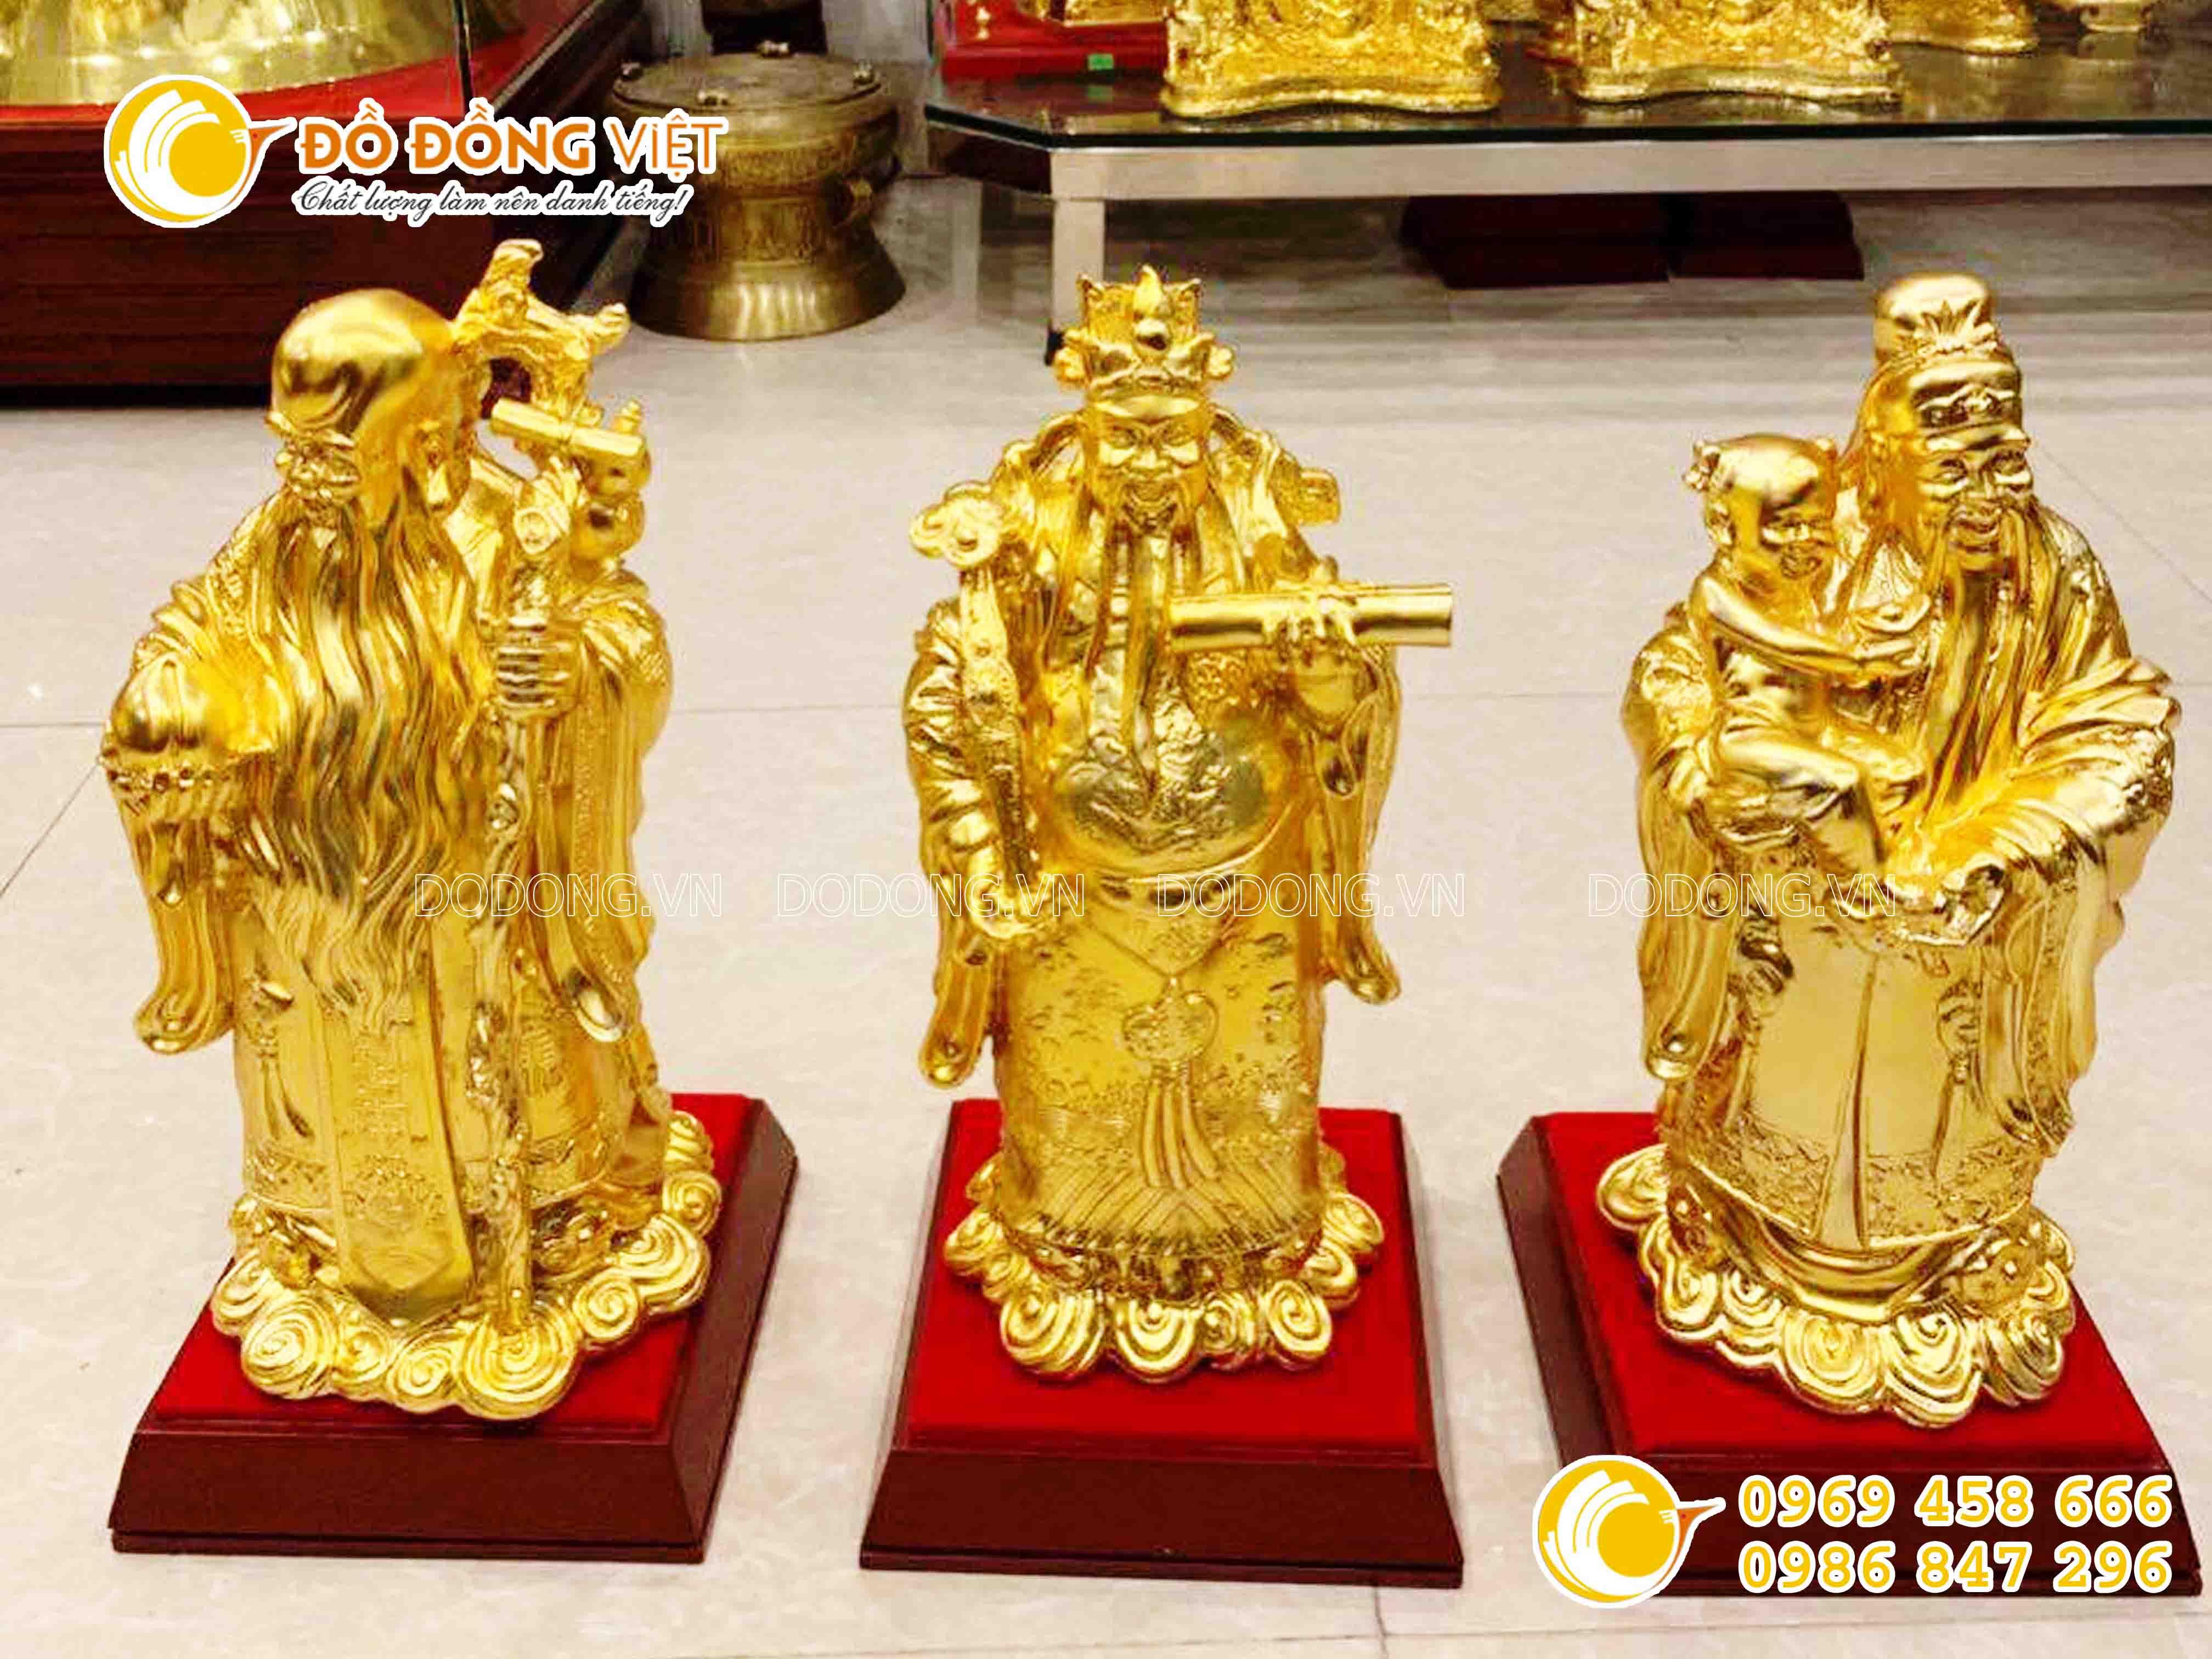 Tượng tam đa, tượng 3 ông tam đa bằng đồng mạ vàng0